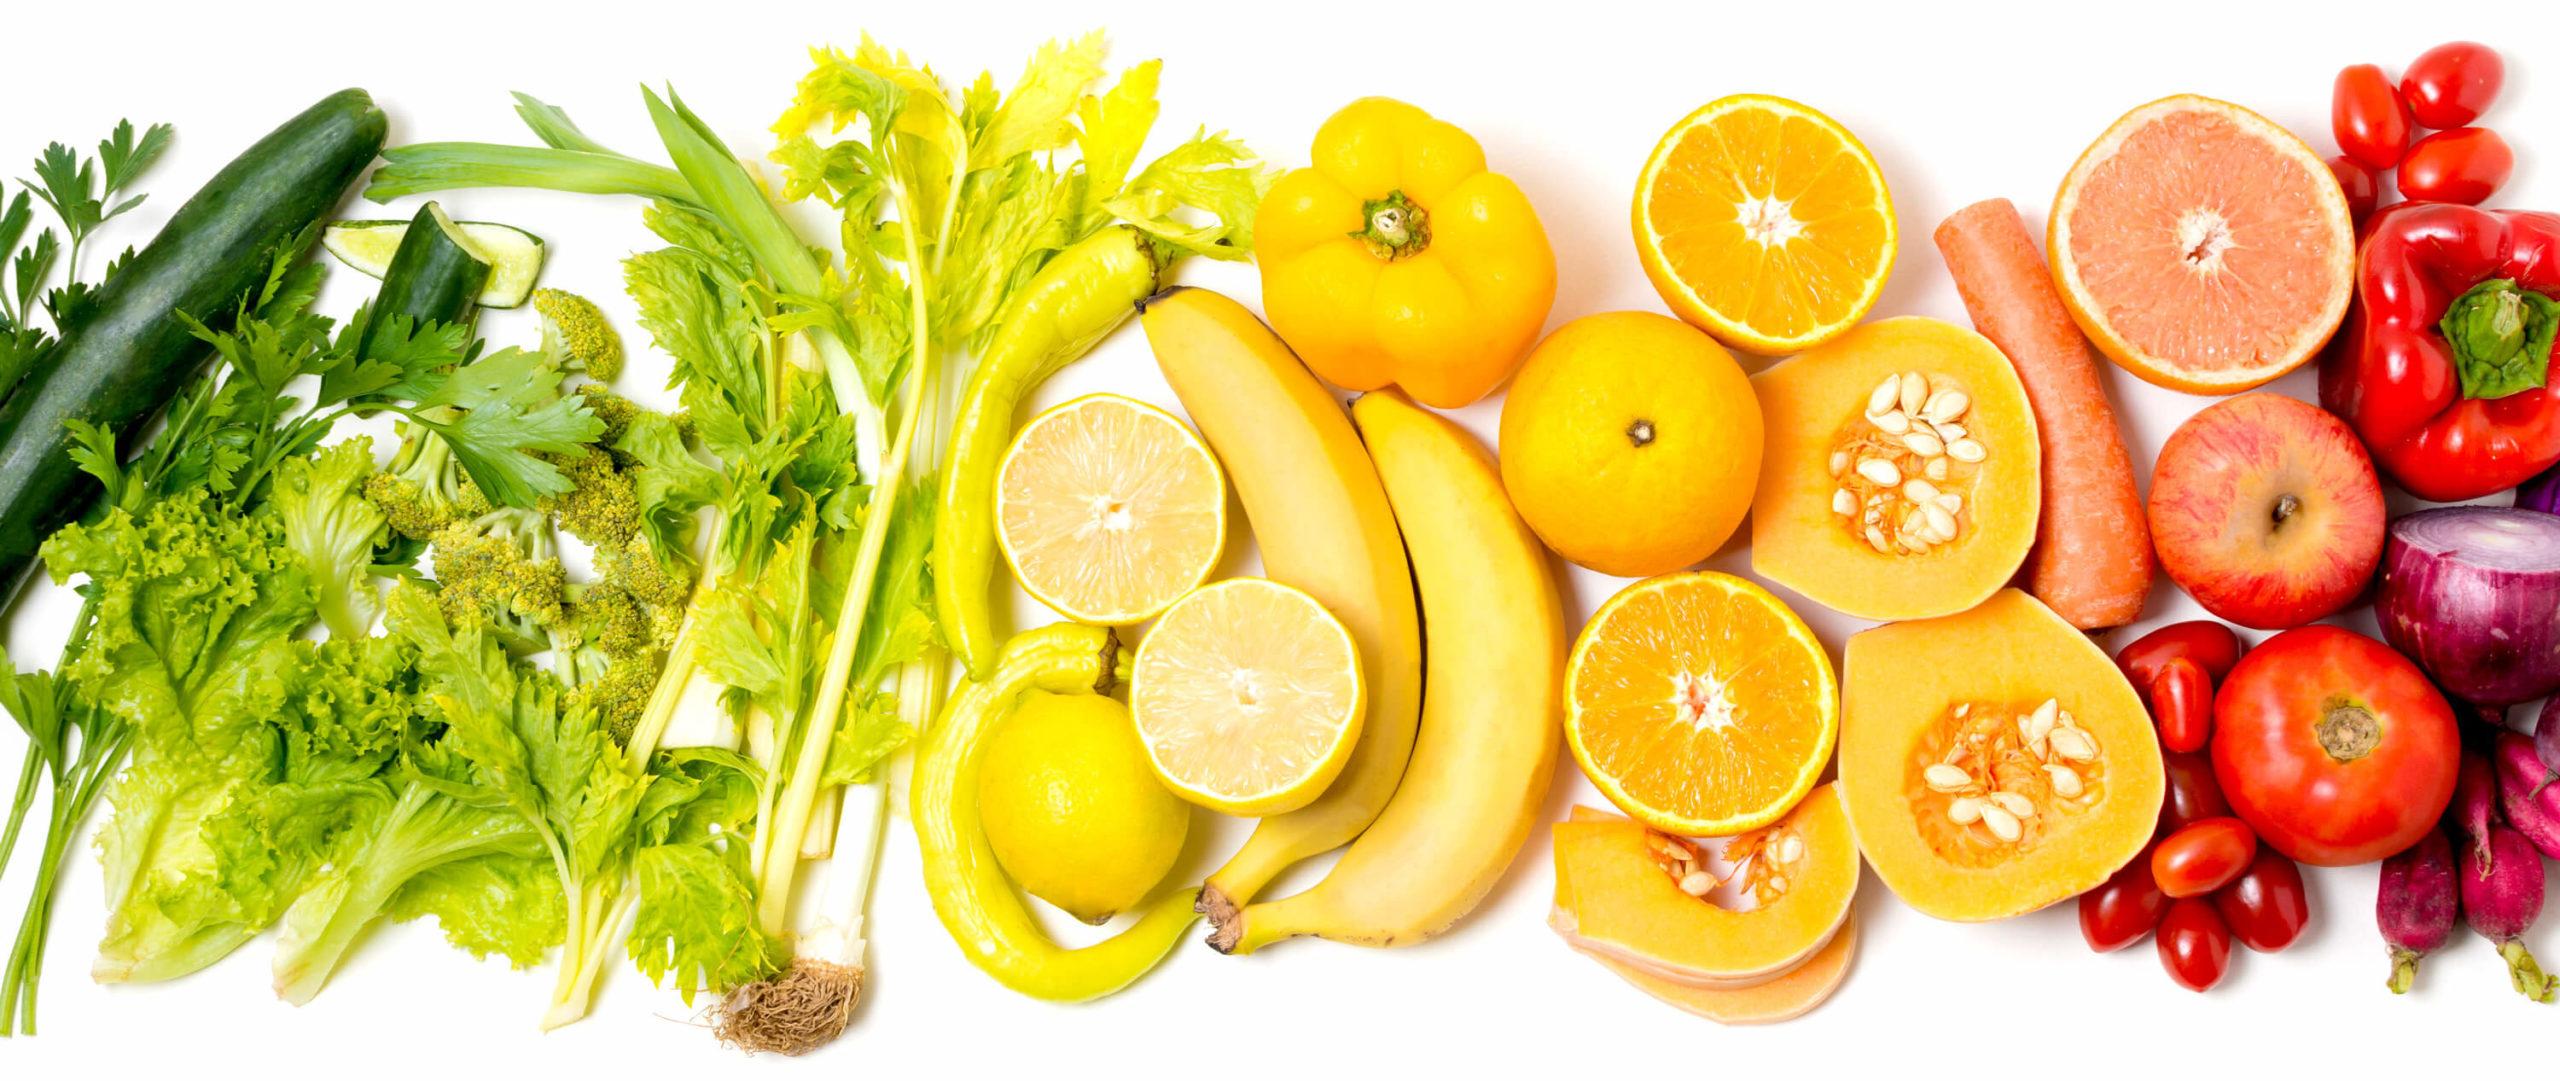 montaje fruta y verduras